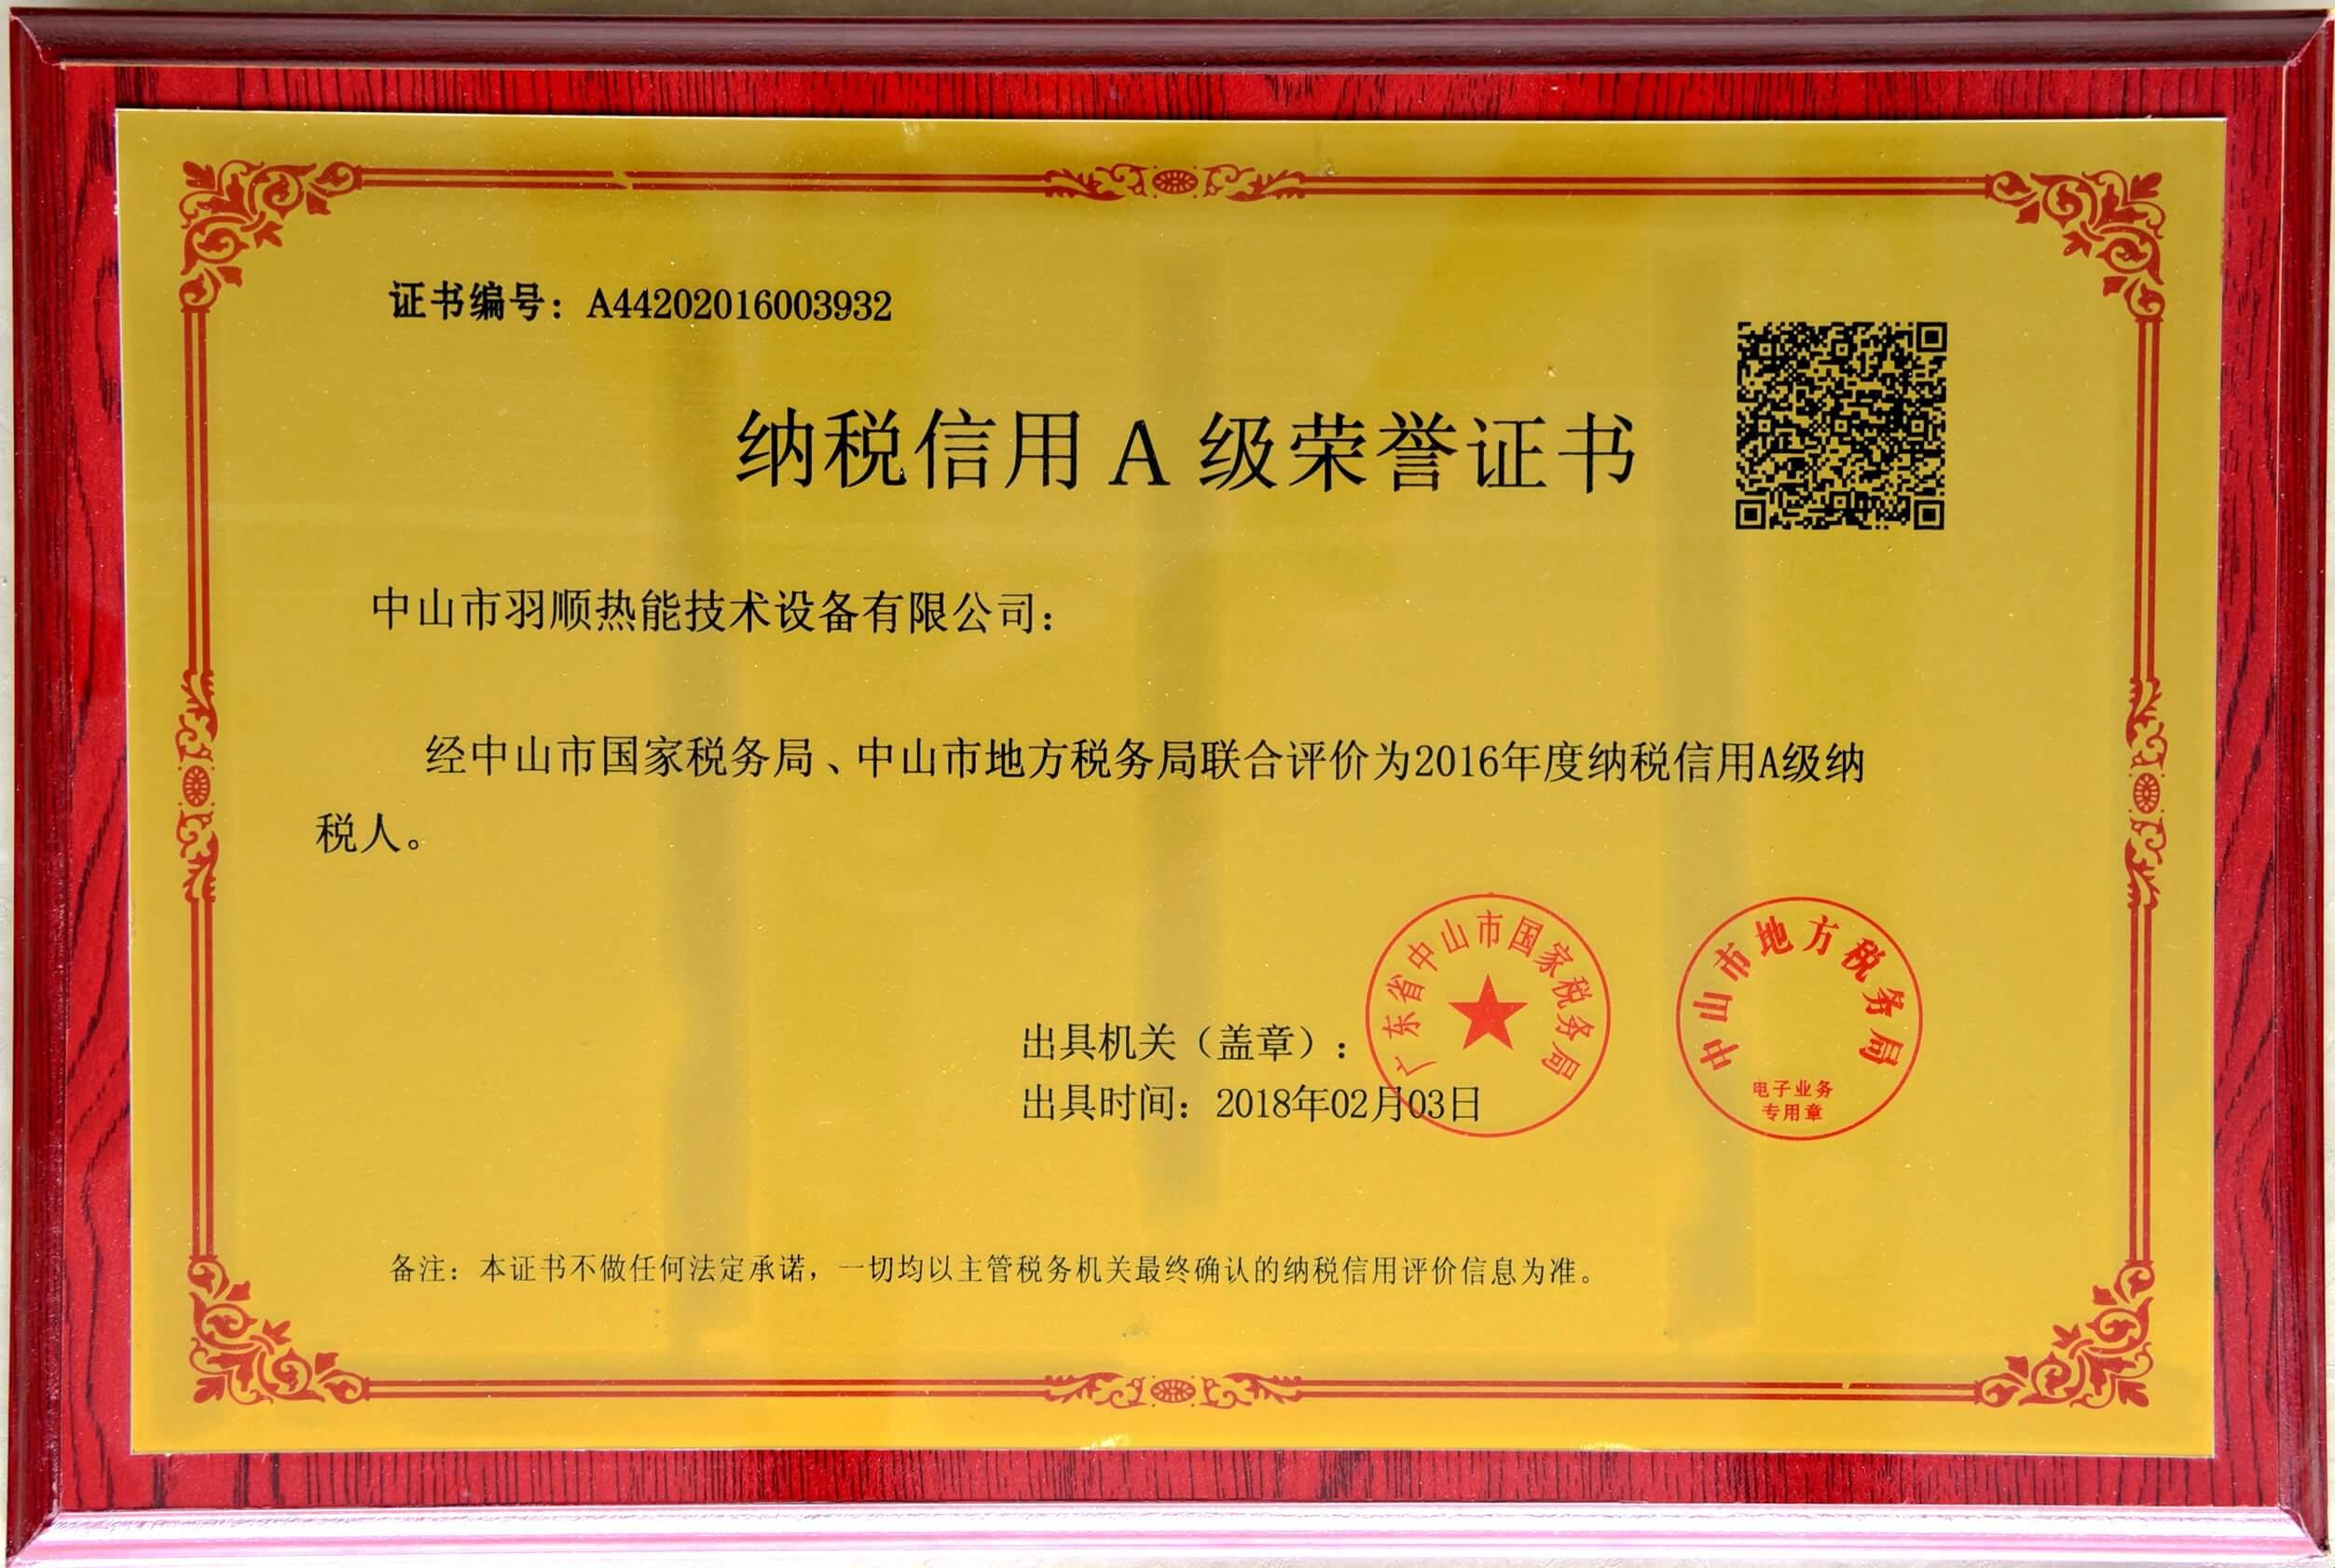 纳税信用A级荣誉证书